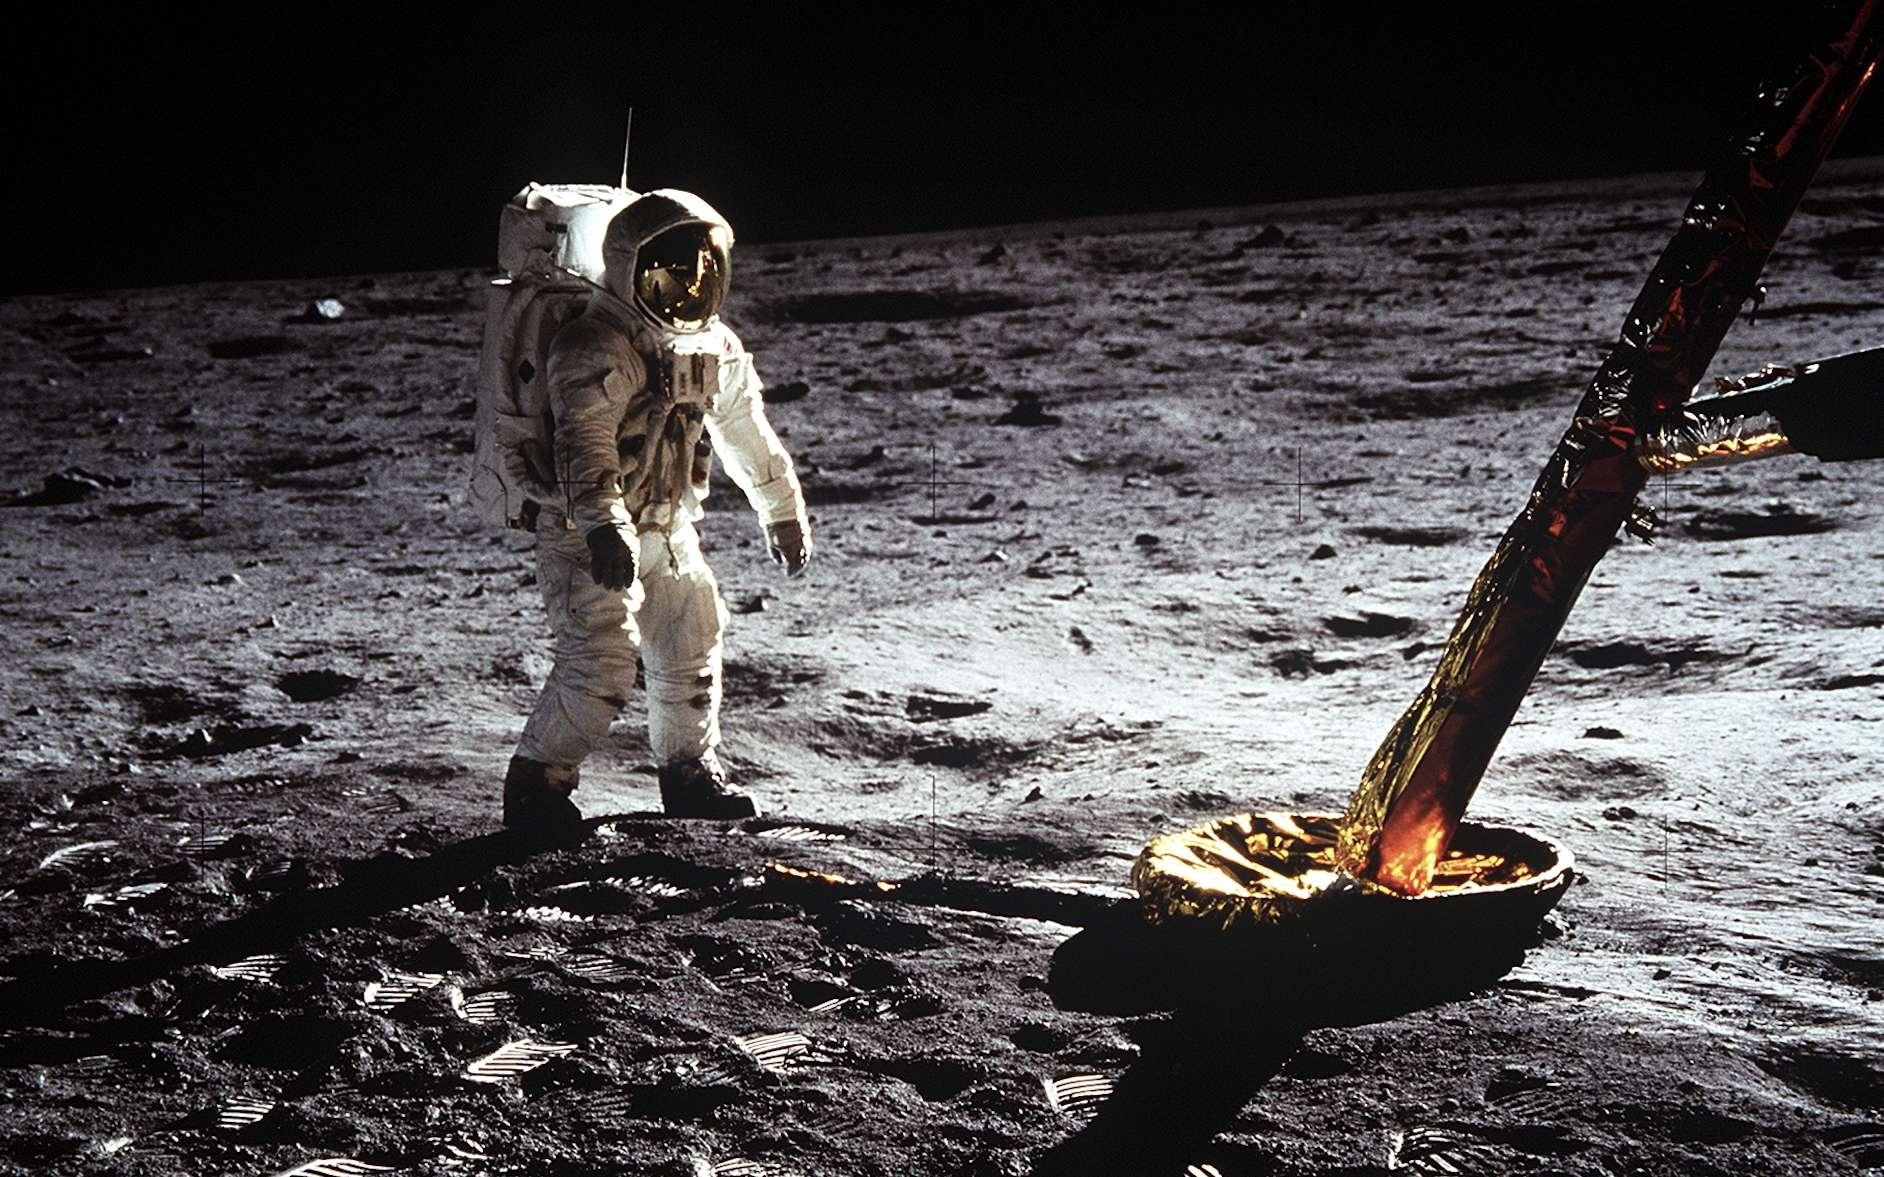 Pour se rendre compte des dimensions exactes de la capsule de la mission Apollo 11, Google propose de la visualiser dans sa représentation 3D en réalité augmentée. © Nasa